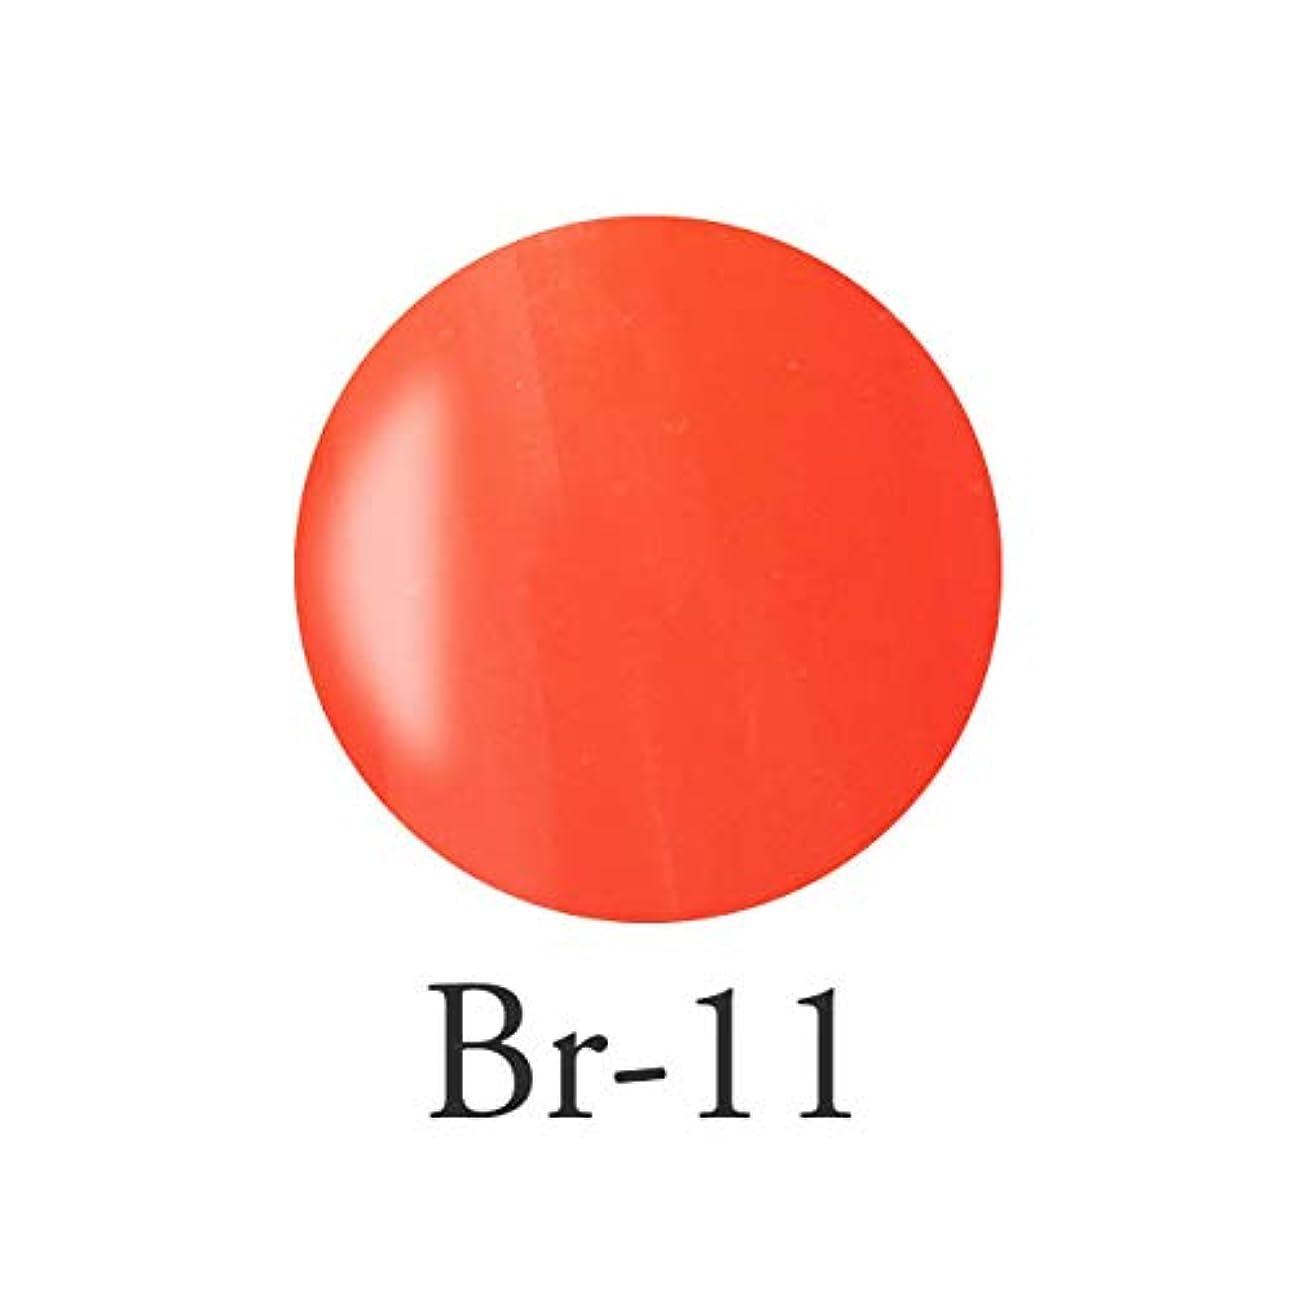 きちんとした篭アパートエンジェル クィーンカラージェル コロンブオレンジ Br-11 3g